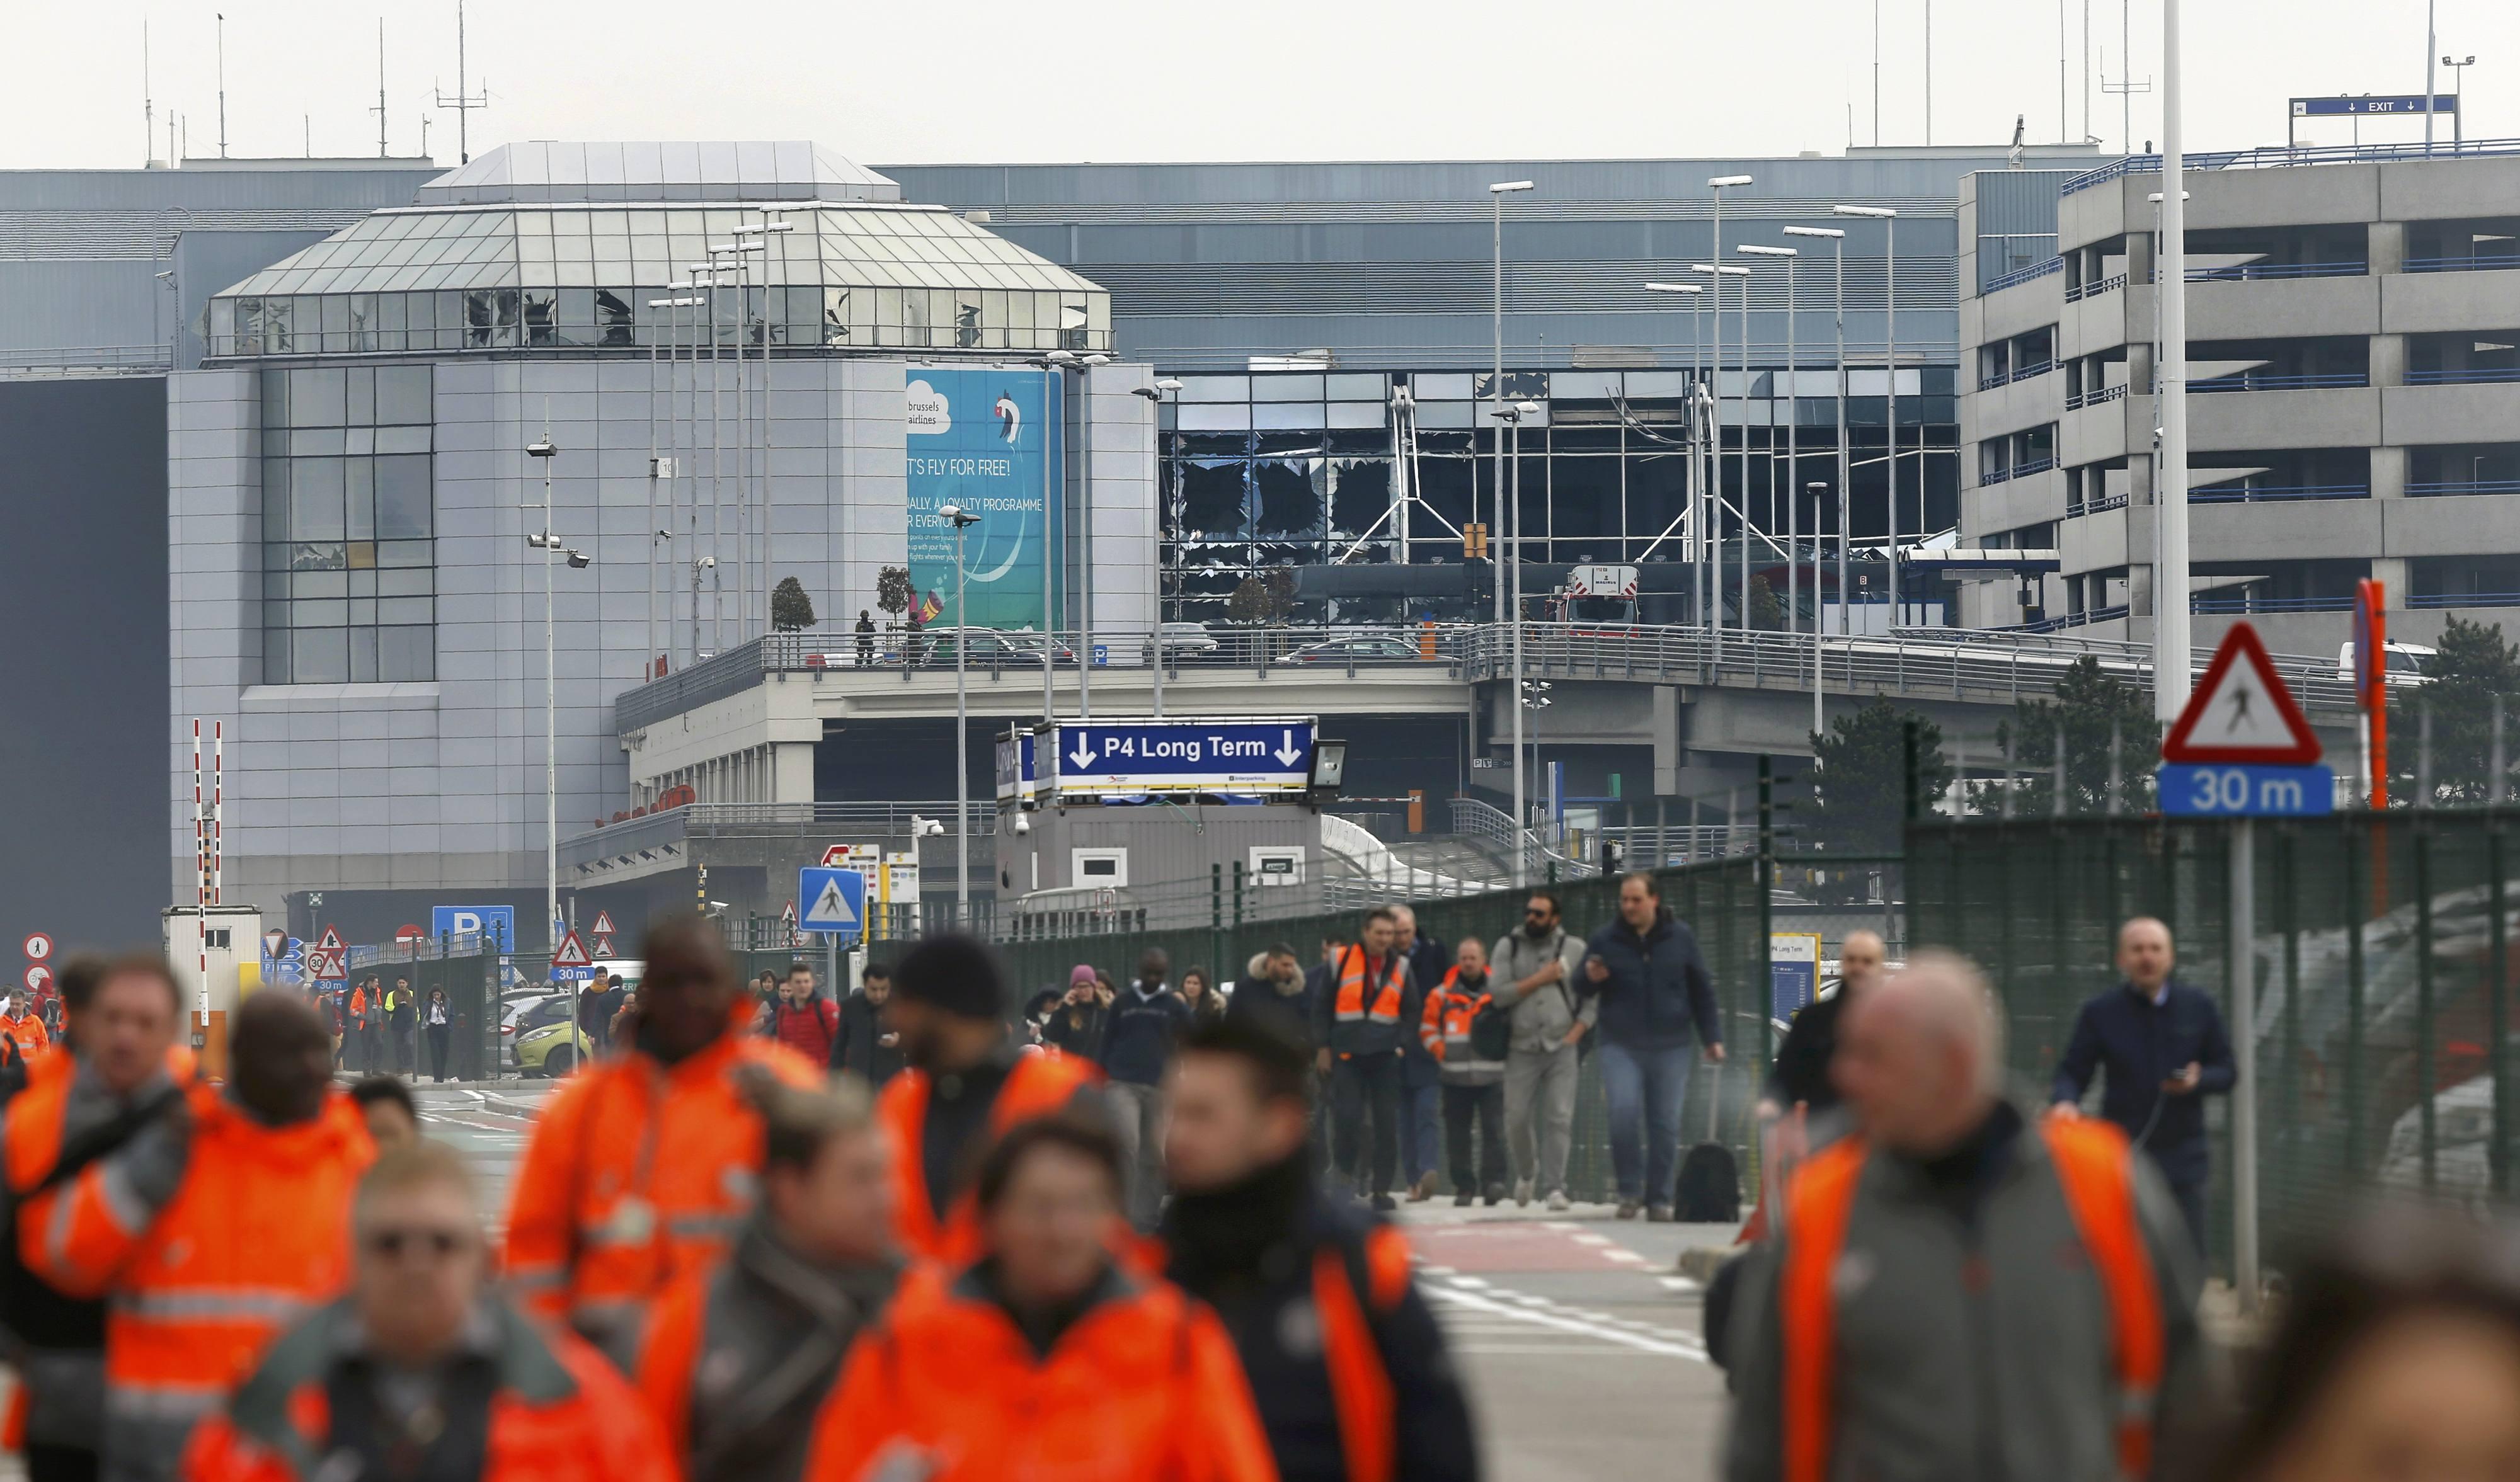 Последствия теракта в Брюсселе, иллюстрация